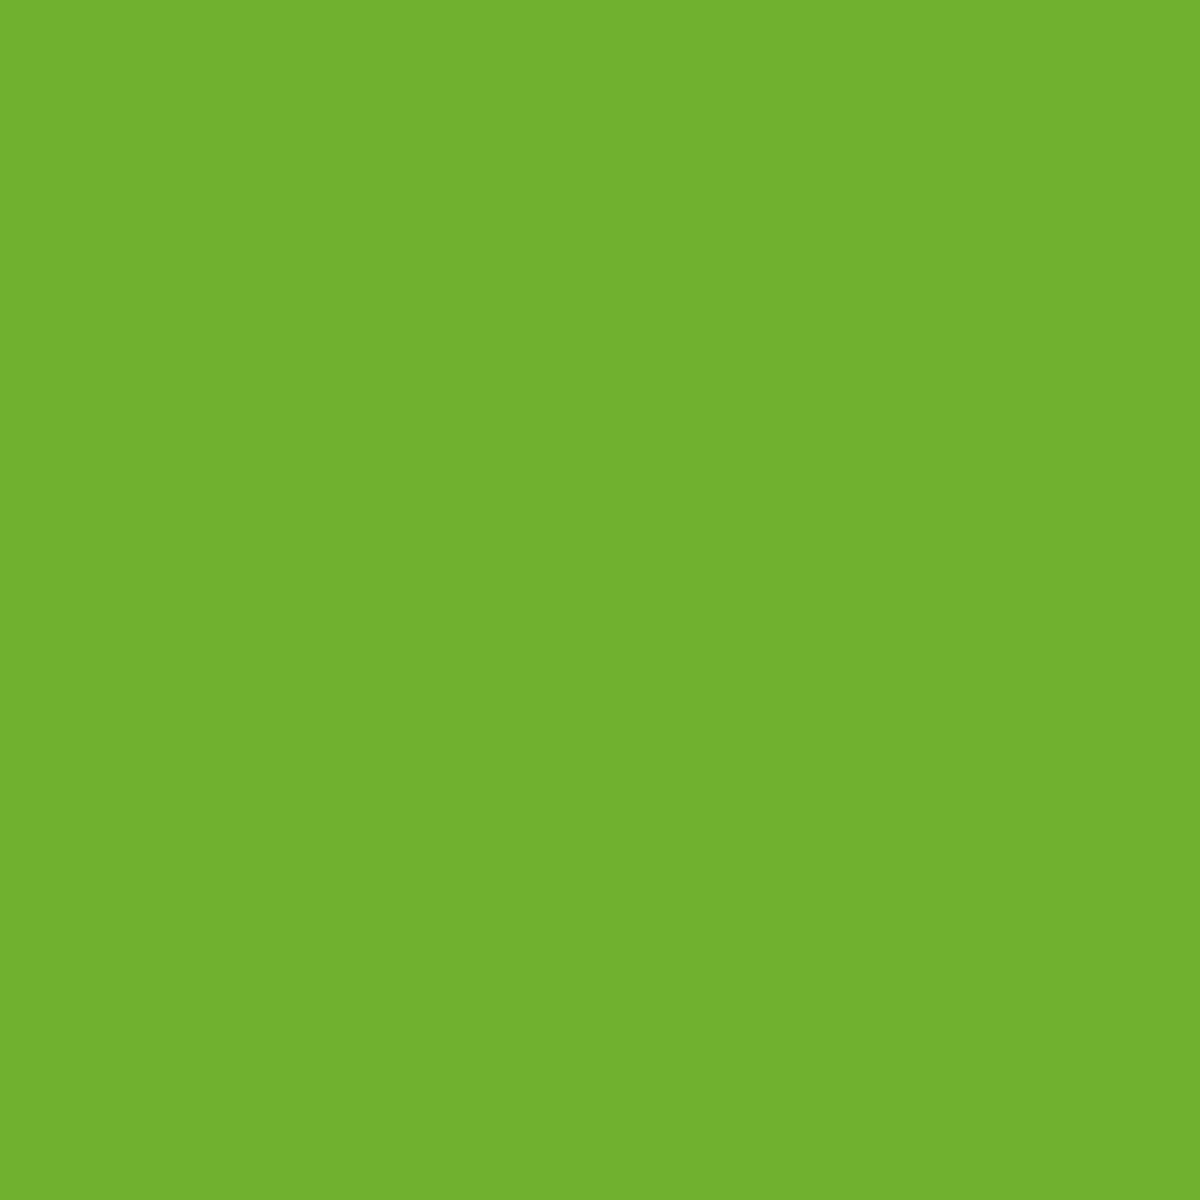 Quadratisches Falt-Karten-Set I 15 x 15 cm - mit Brief-Umschlägen Brief-Umschlägen Brief-Umschlägen & Einlege-Blätter I Royalblau I 75 Stück I KomplettpaketI Qualitätsmarke  FarbenFroh® von GUSTAV NEUSER® B07D4GF818 | Perfekte Verarbeitung  40f91b